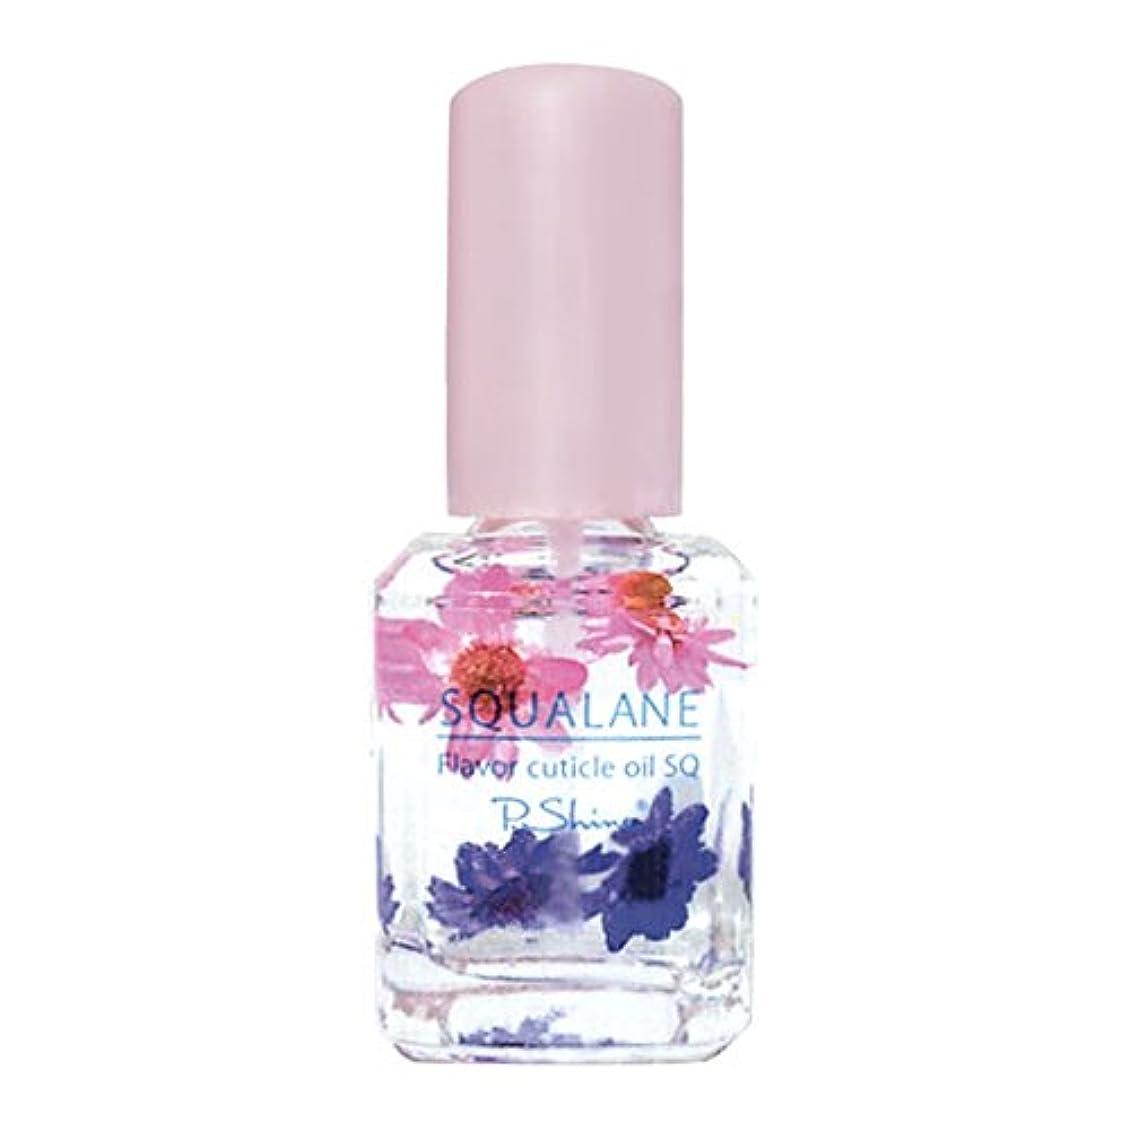 繁雑ボーダー受け皿P. Shine フレーバーオイルSQ フラワーリゾート 南国の花の甘く優しい香り スクワランオイル